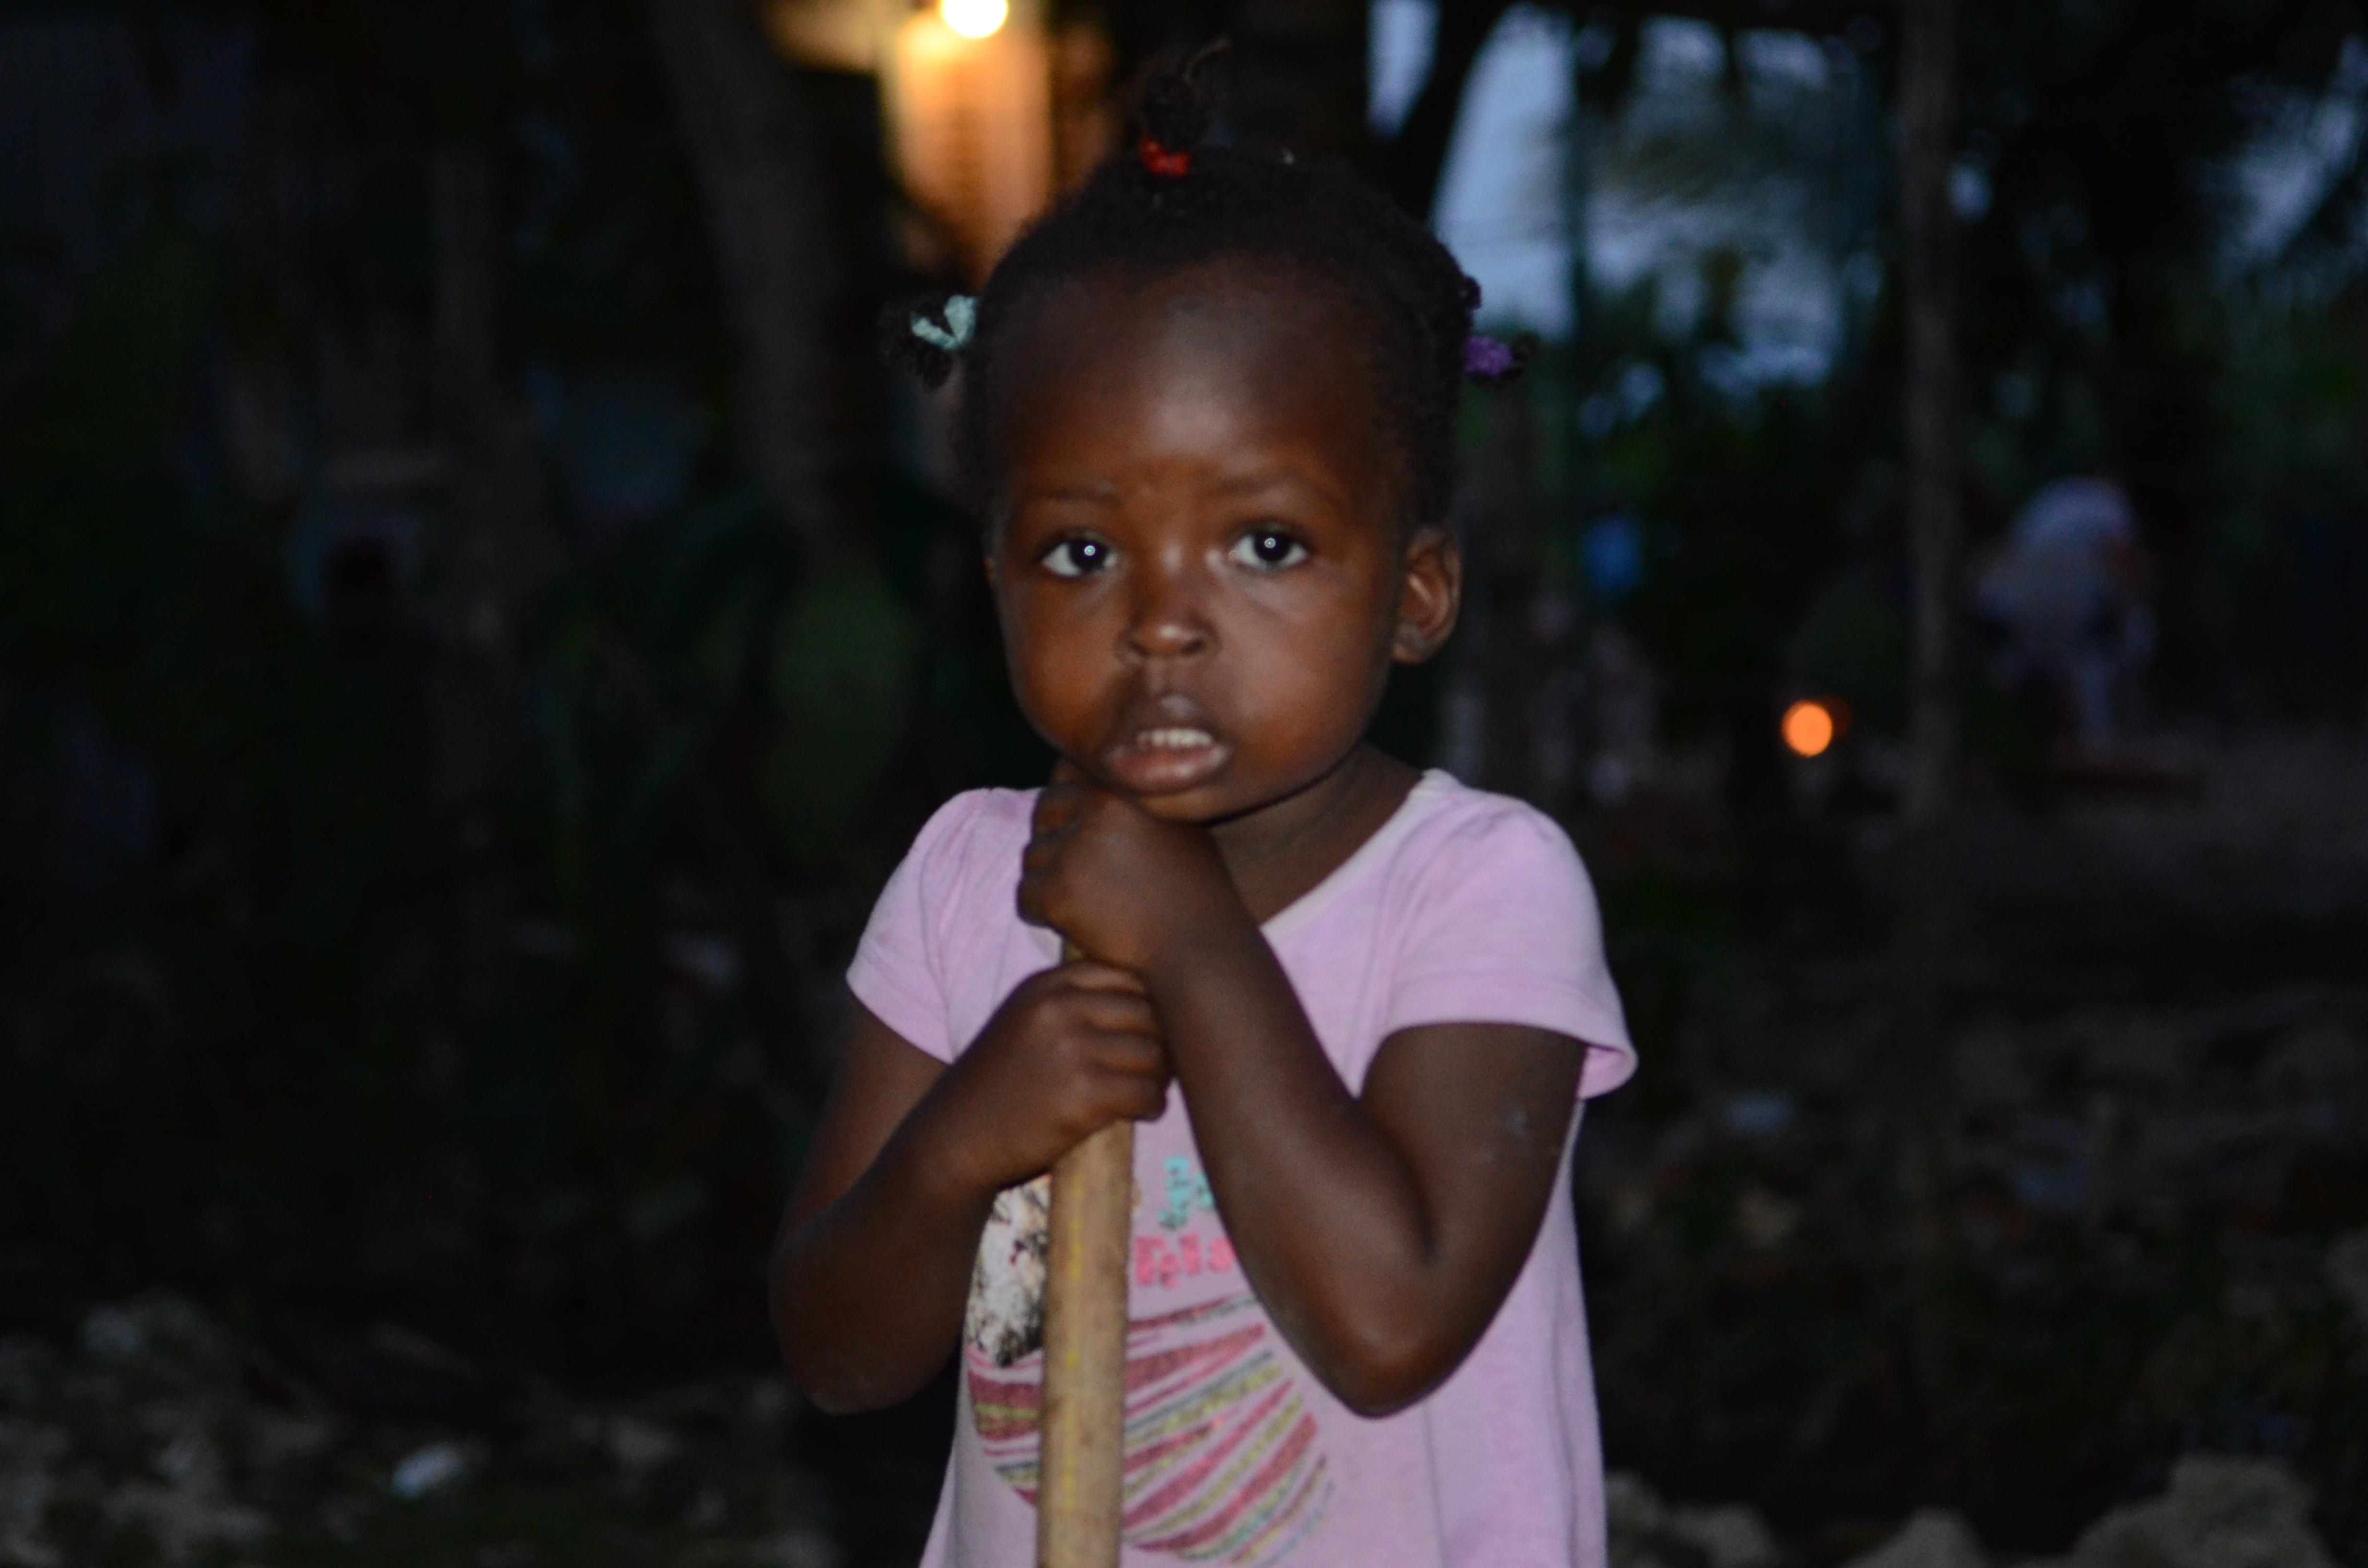 Haitin girl